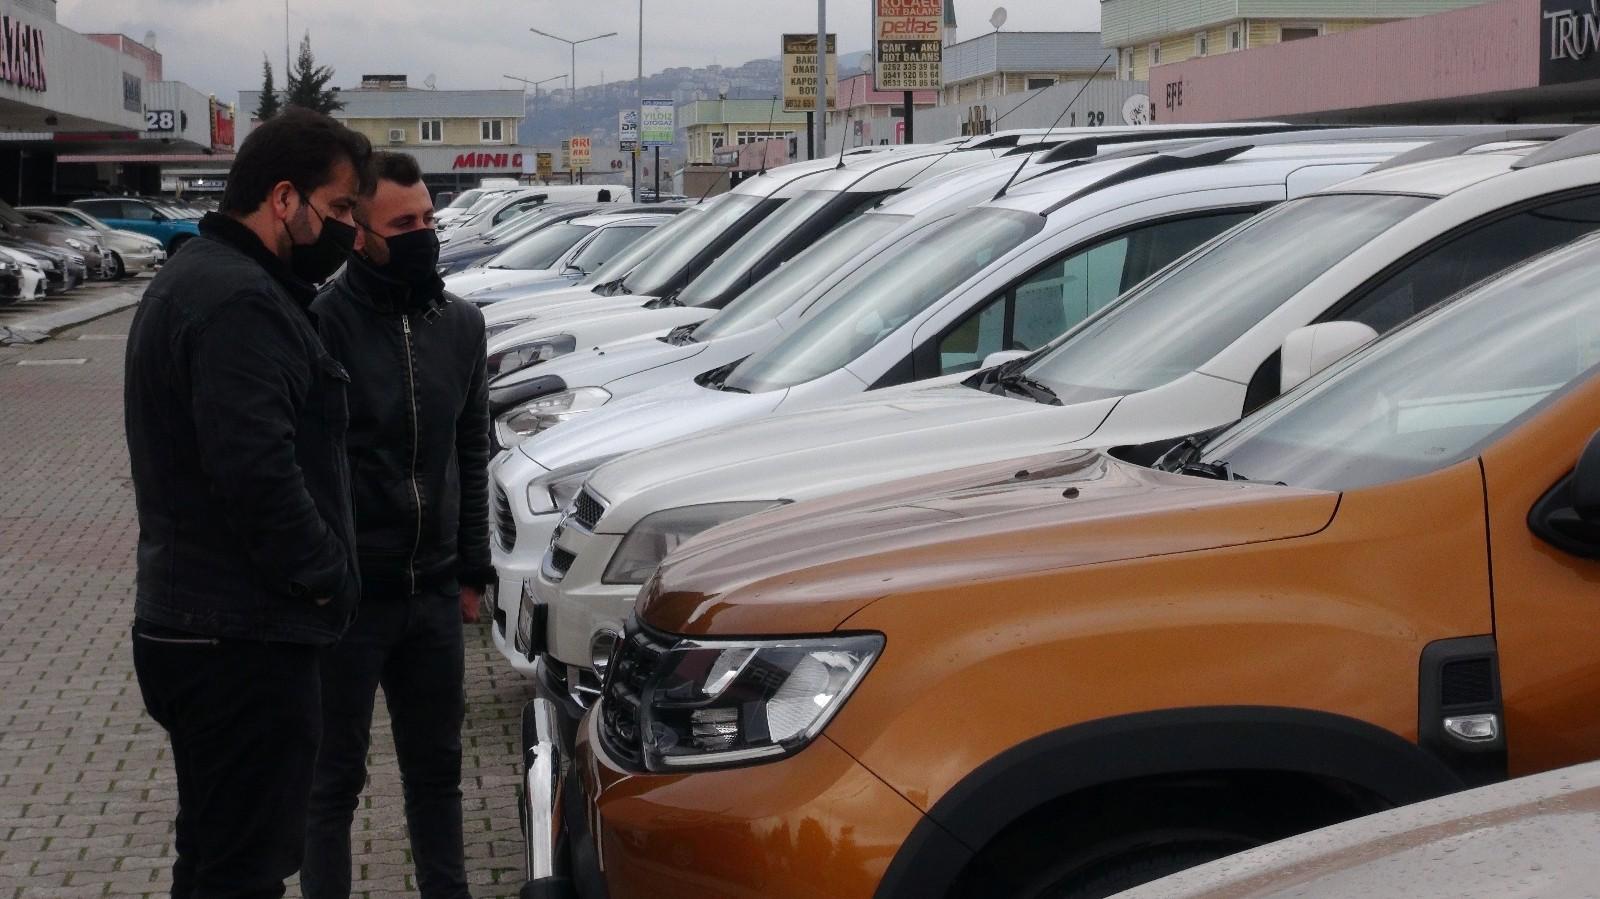 İkinci el araçlardaki fiyat artışının sebebi için galericilerden şok iddia: